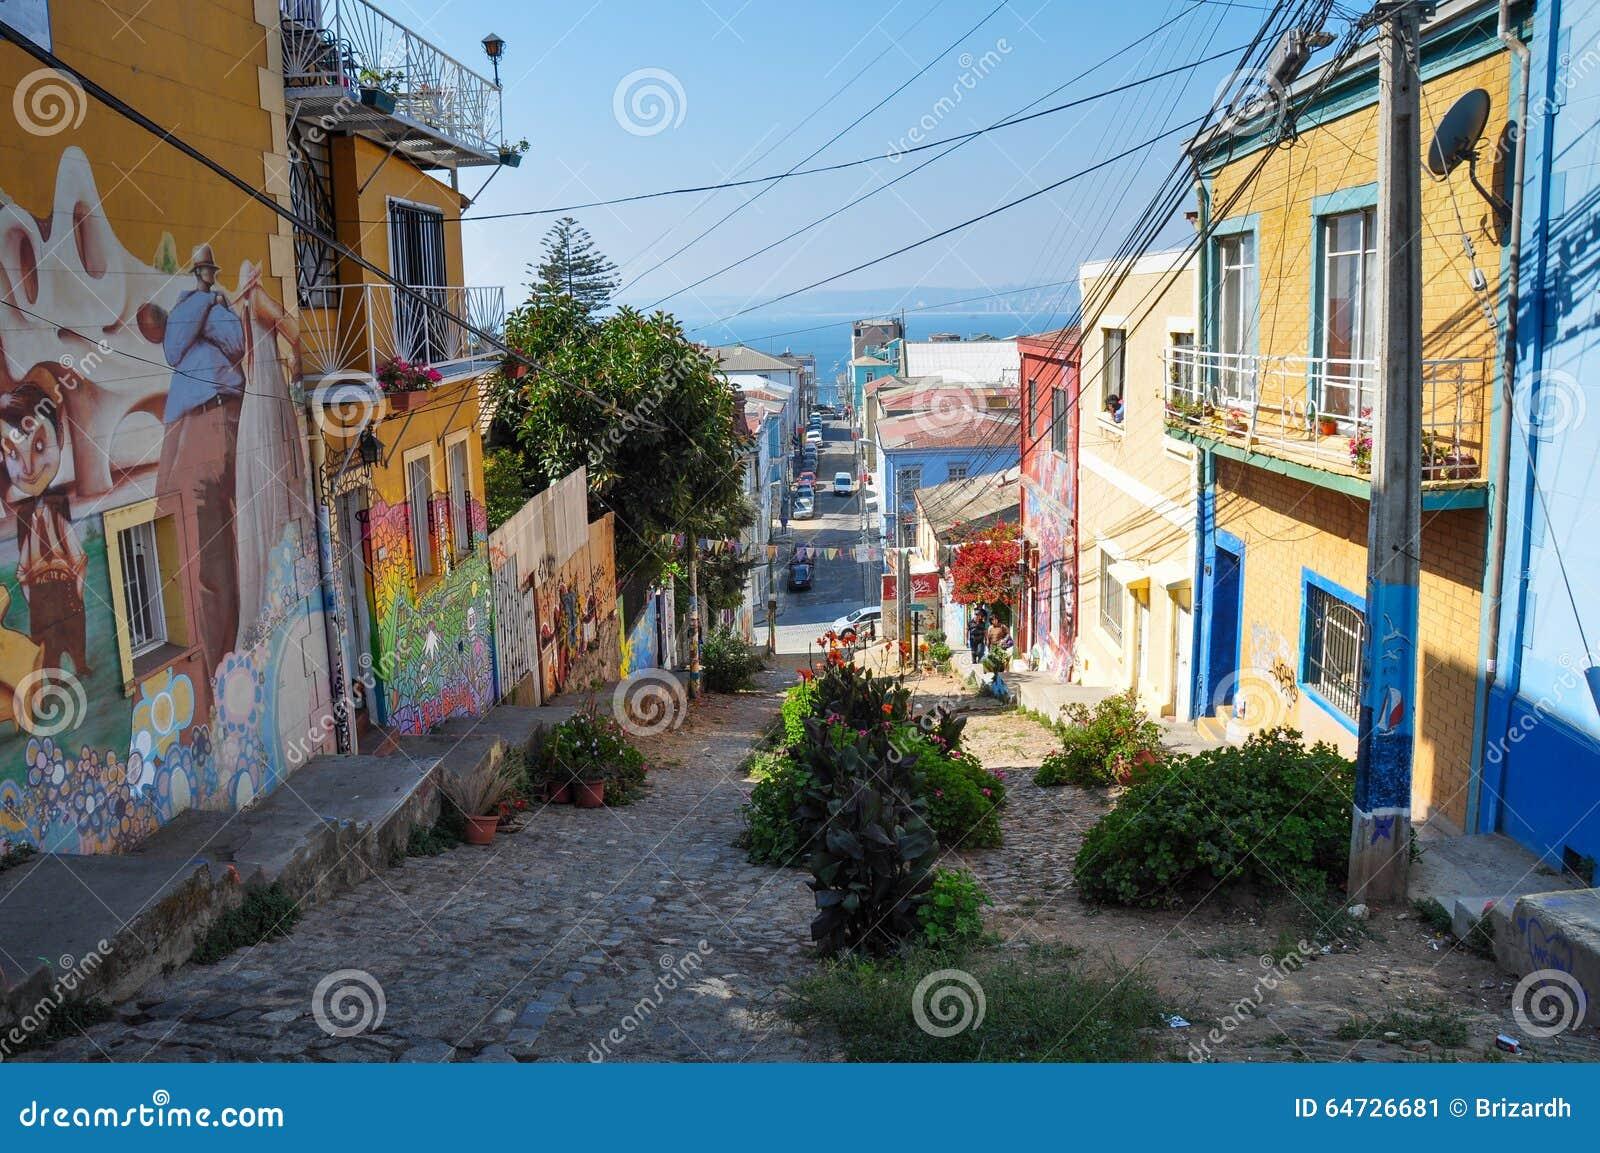 Una certa via stretta in Valparaiso, Cile